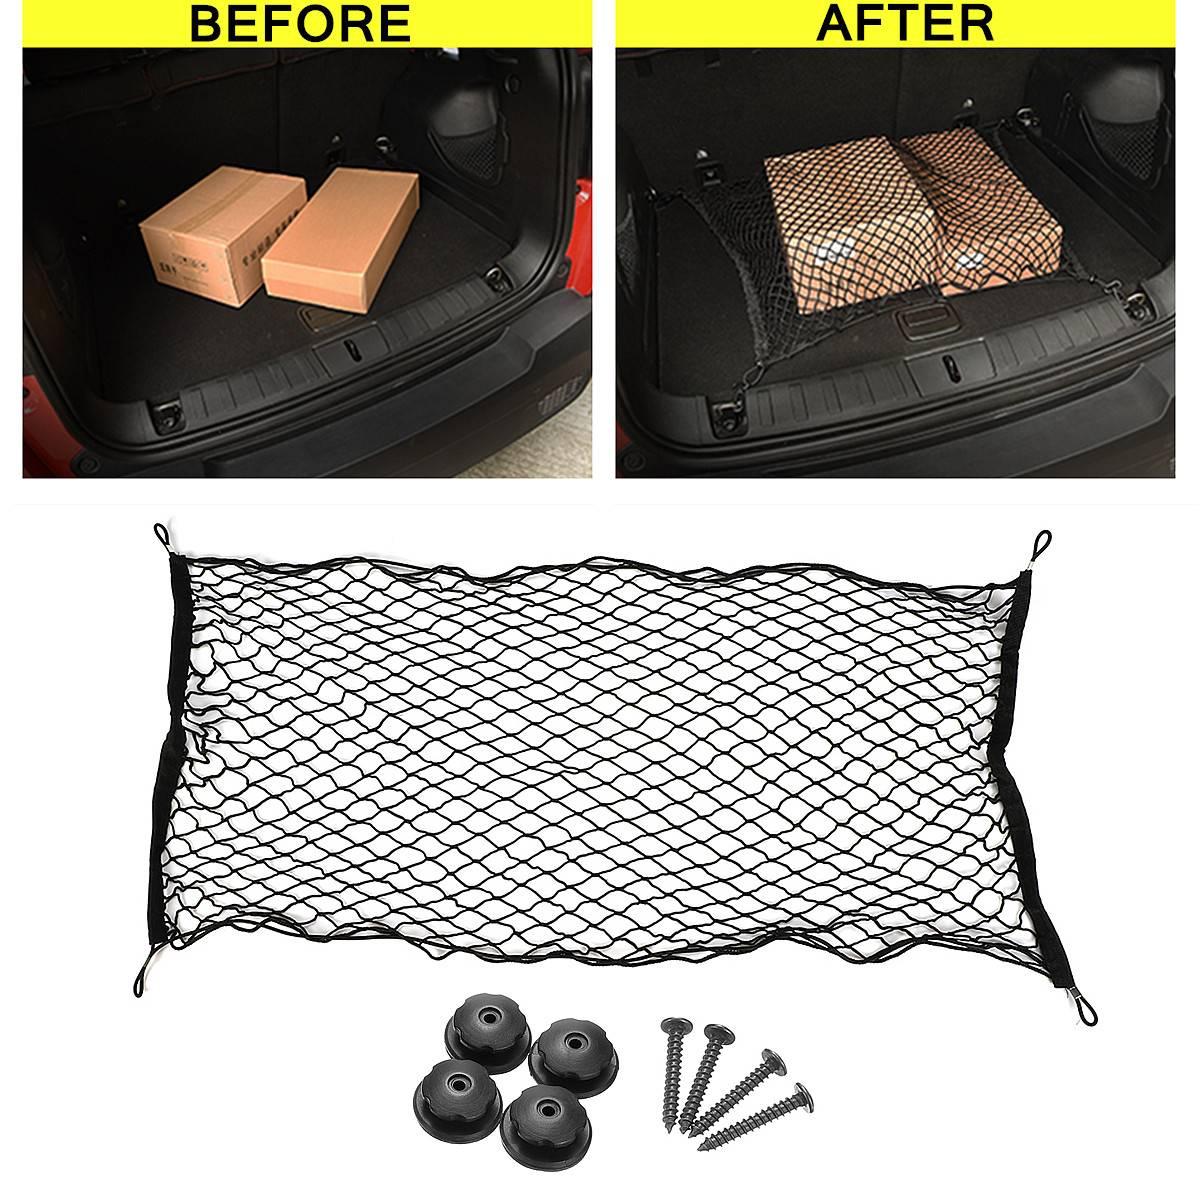 Auto Suv Achter Cargo Organizer Opslag Elastische Mesh Net Houder Bagage Vaste Sterke Stretch Grote Slijtvastheid Zwart Nylon